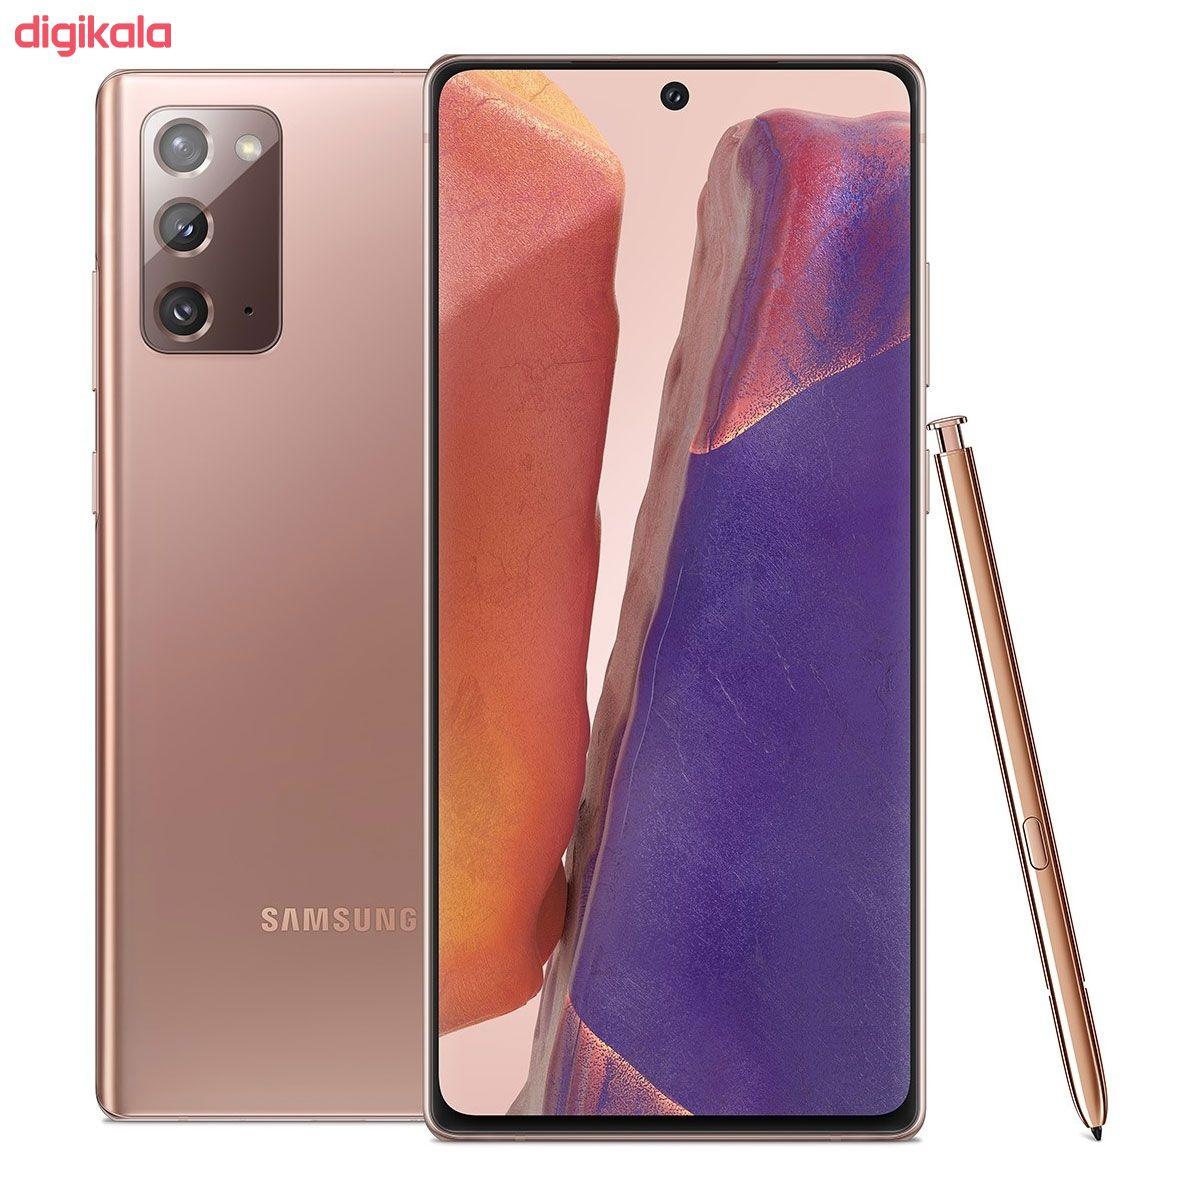 گوشی موبایل سامسونگ مدل Galaxy Note20 5G SM-N981B/DS دو سیم کارت ظرفیت 256 گیگابایت main 1 4